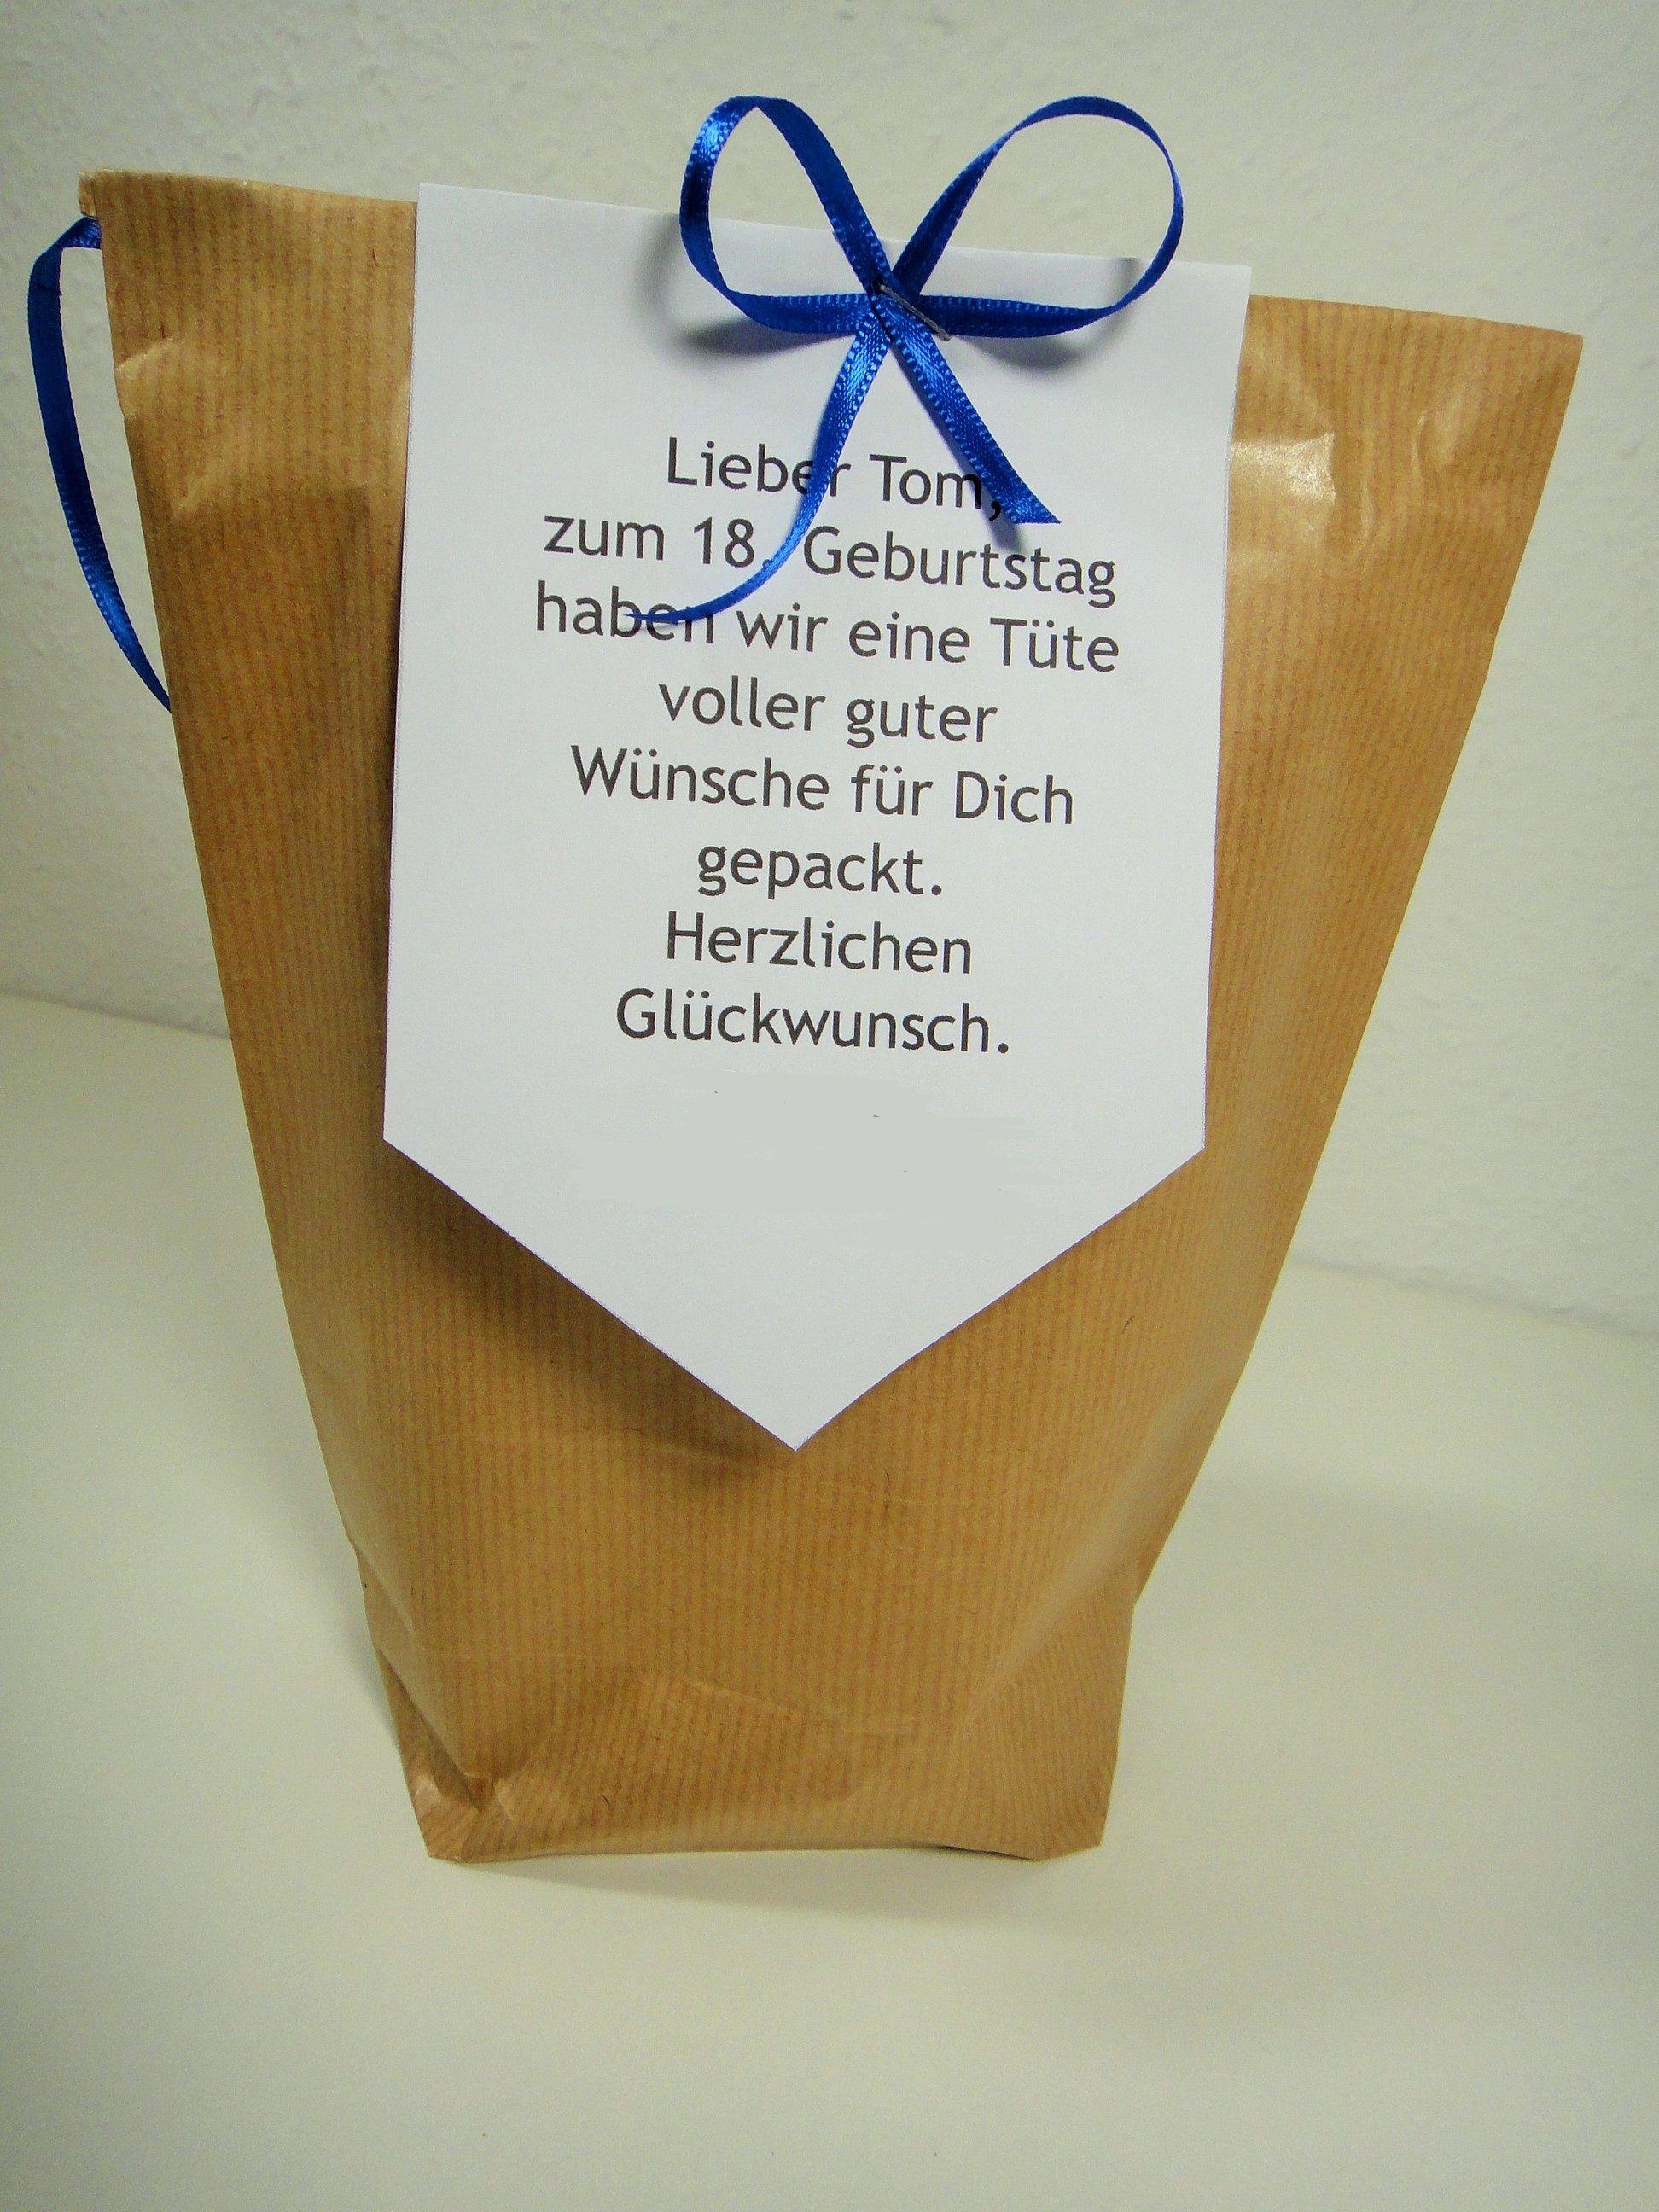 Gute Wunsche Tute Zum Geburtstag Geburtstag Geschenke Selber Machen Spruche Zum Geburtstag Geldgeschenke Verpacken Geburtstag